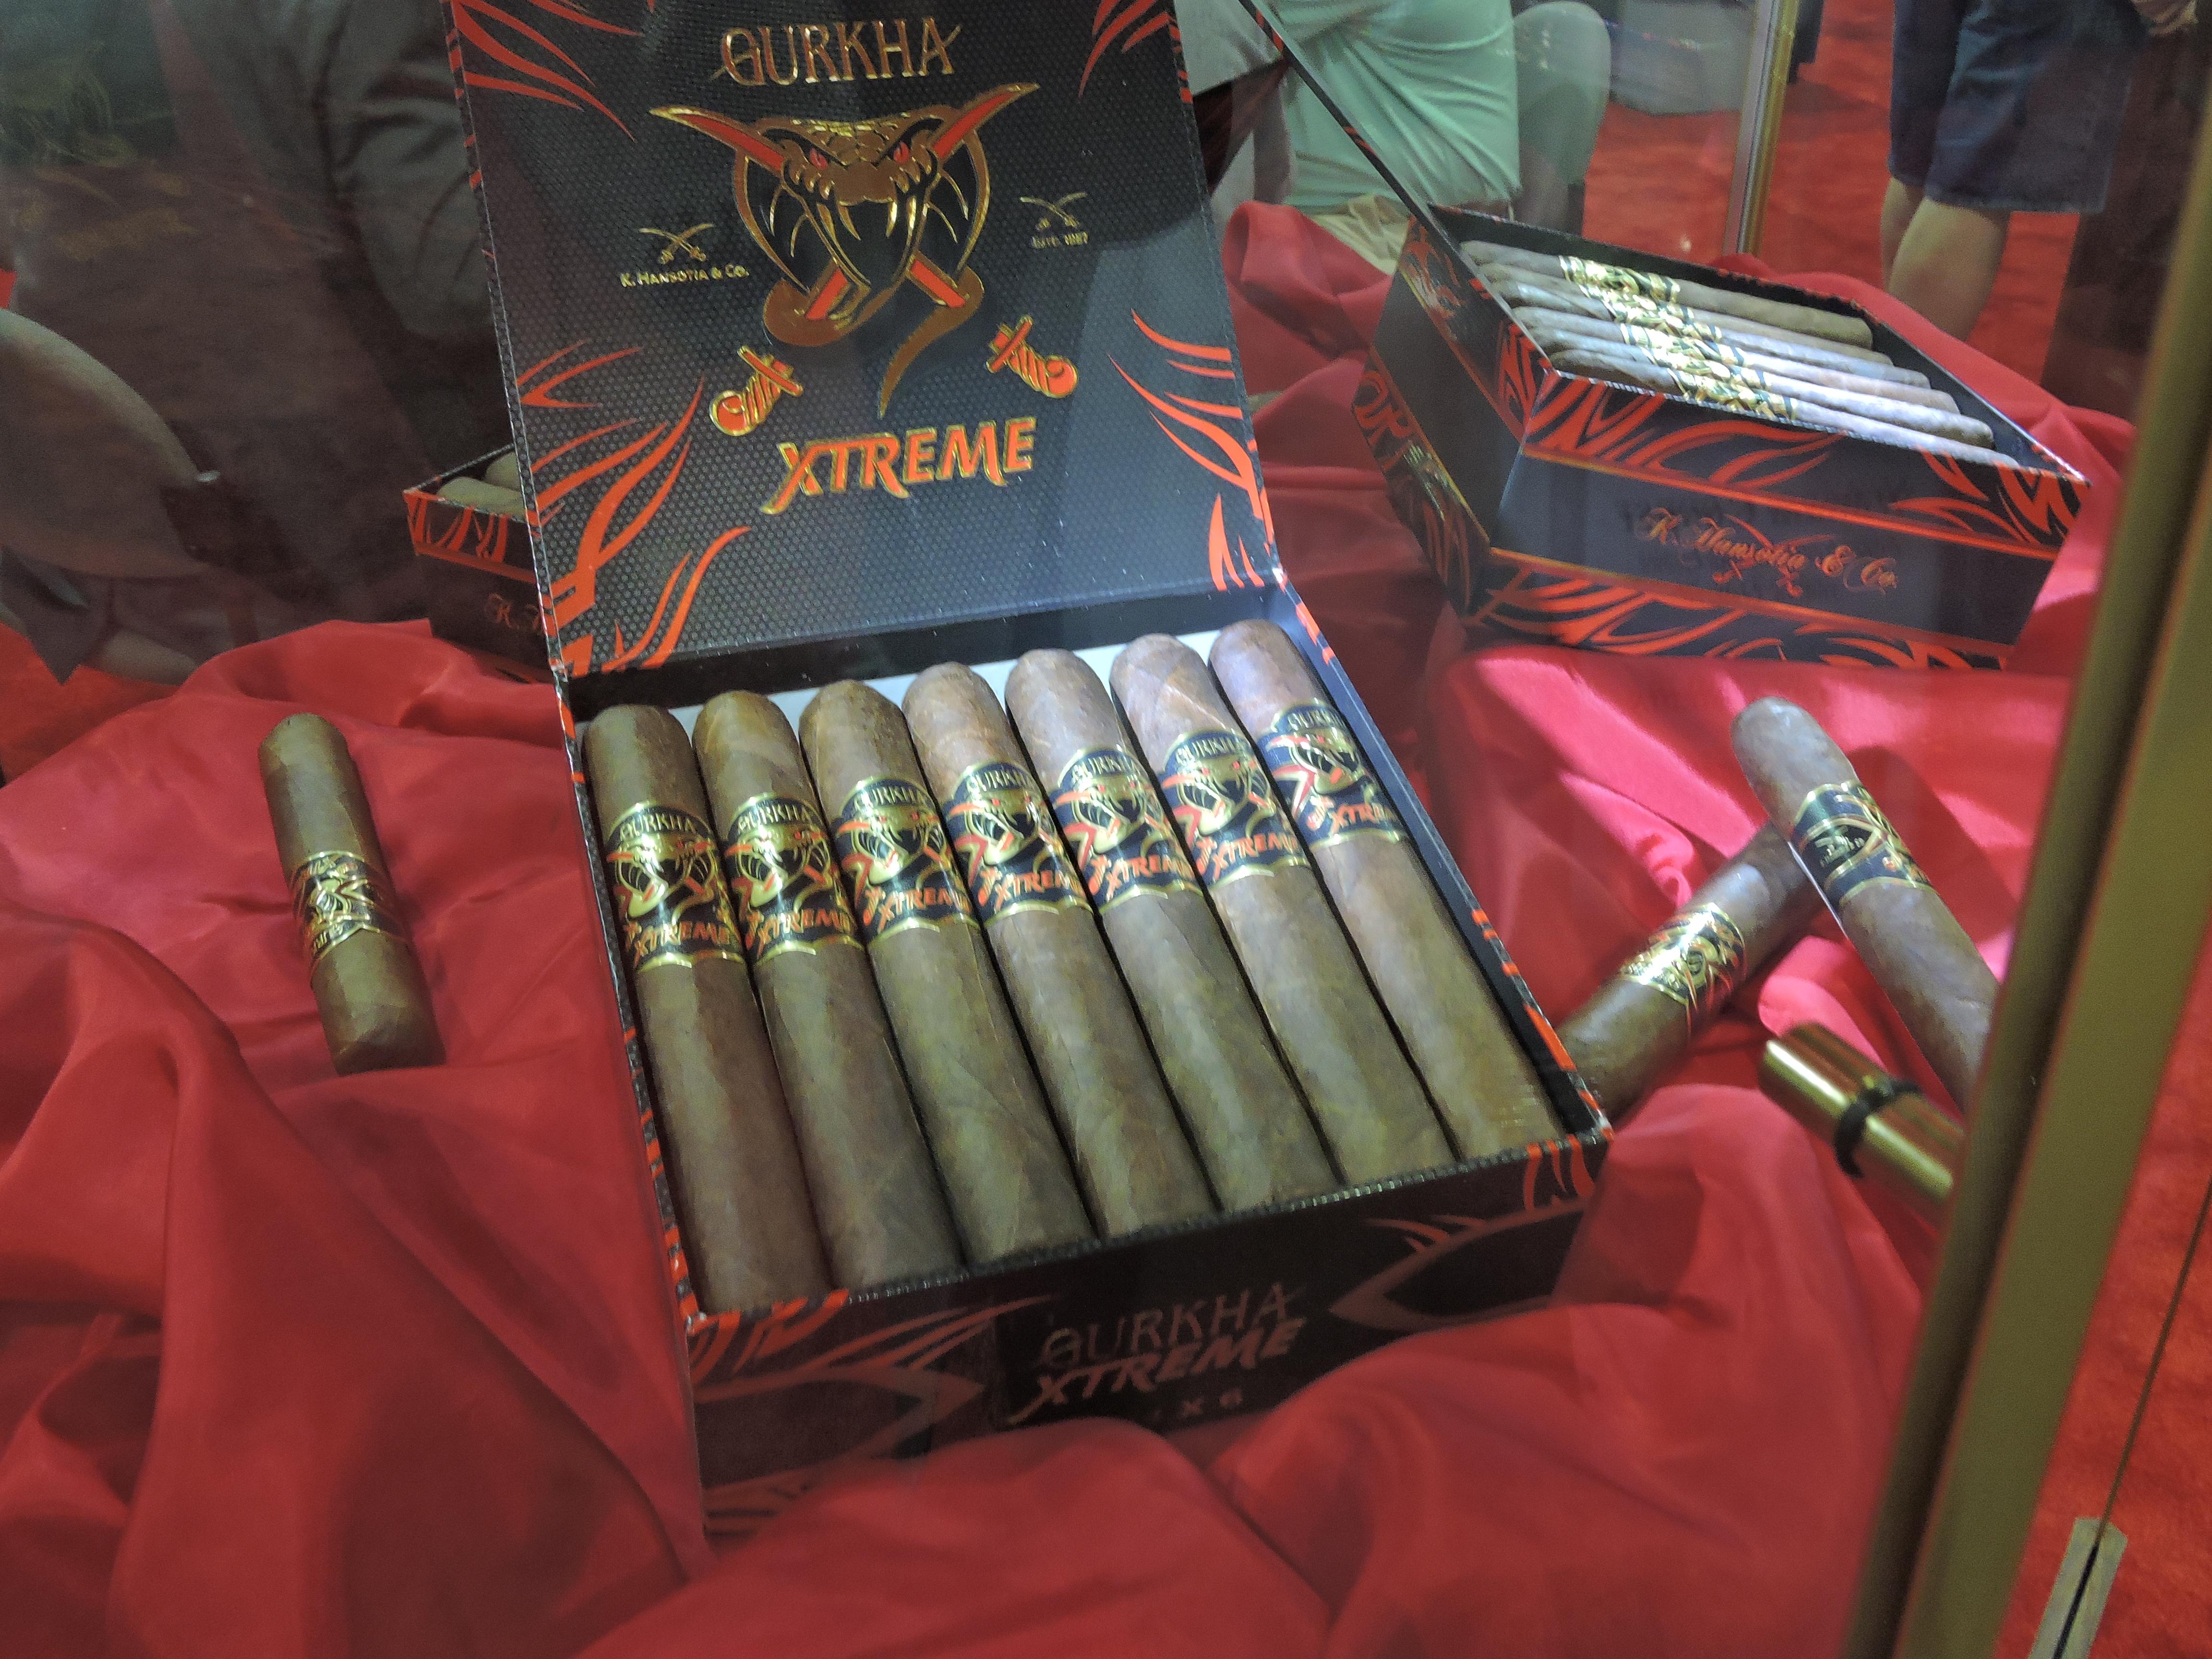 Cigar News: Gurkha Xtreme Gets Packaging Update